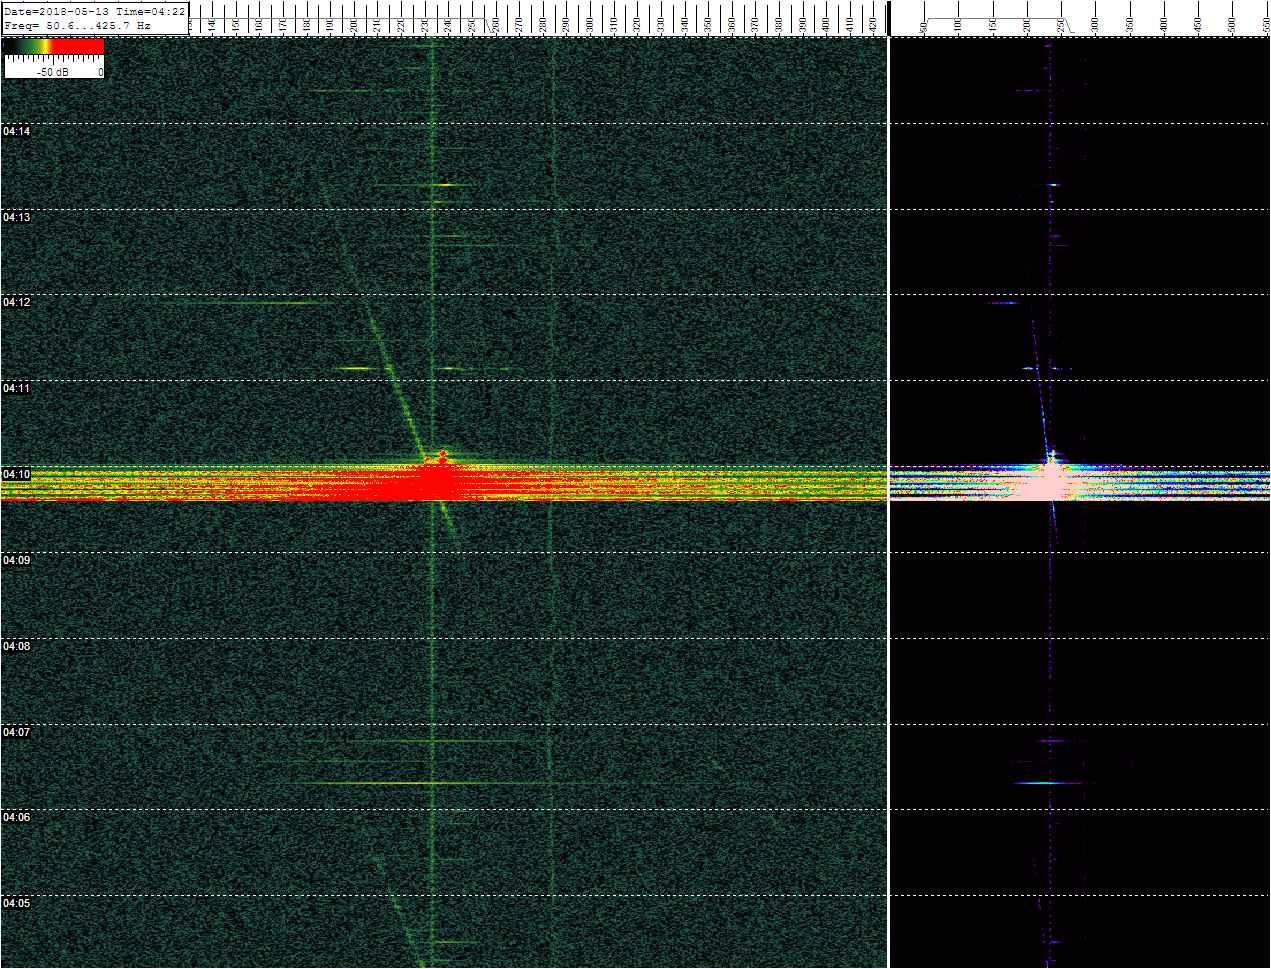 Spettrogramma dello stesso evento registrato da Vainer Orlando (Magenta, Milano).